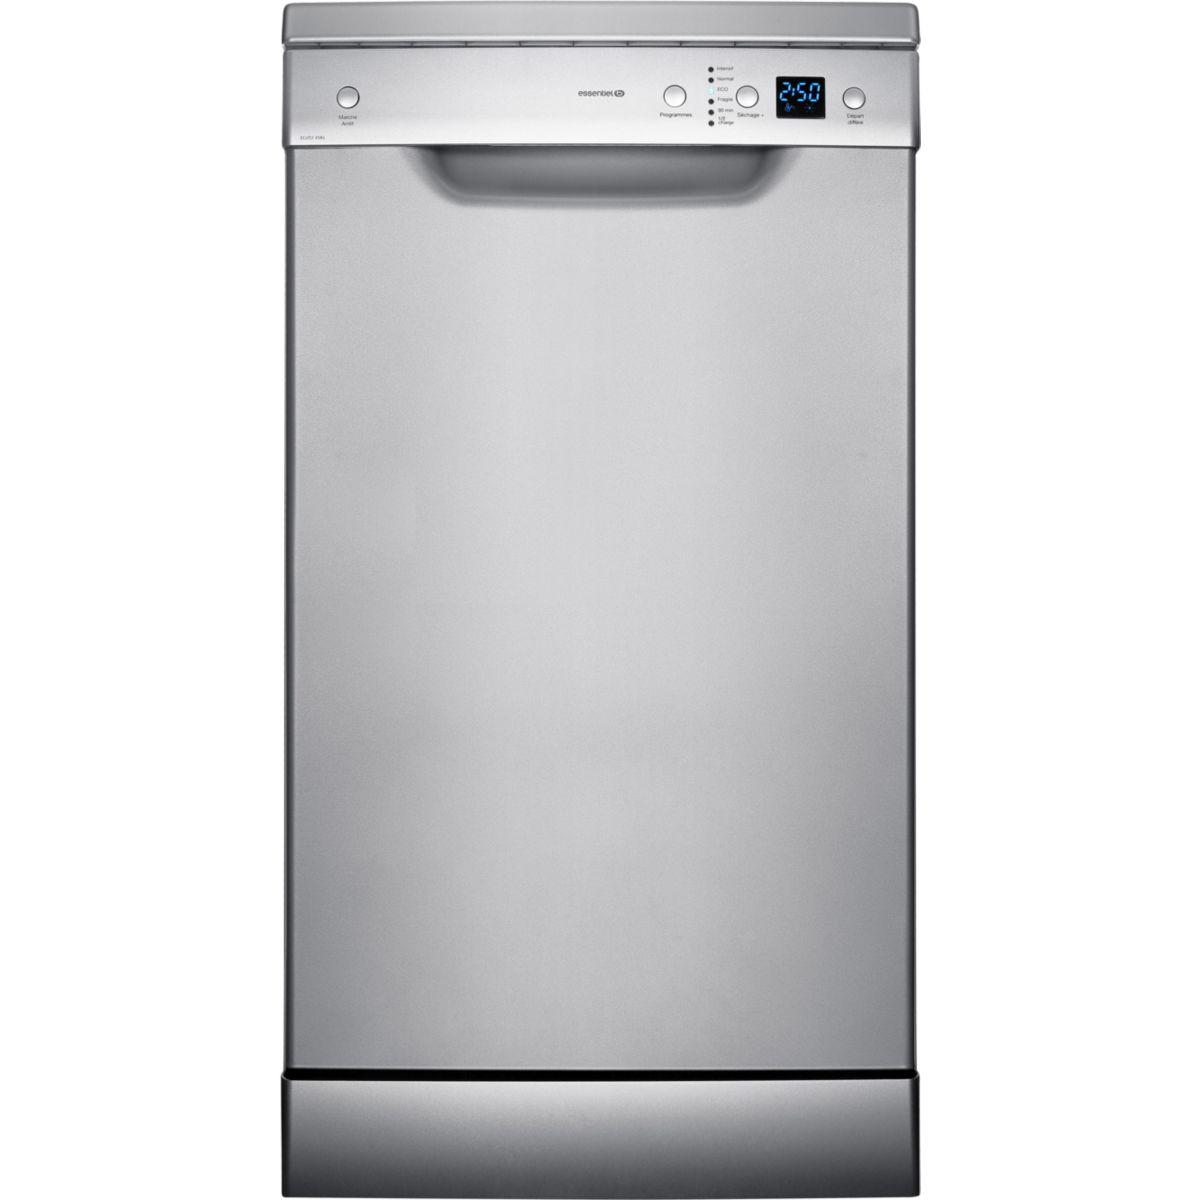 Lave-vaisselle 45cm ESSENTIEL B ELVS3-458s (Silver) (photo)